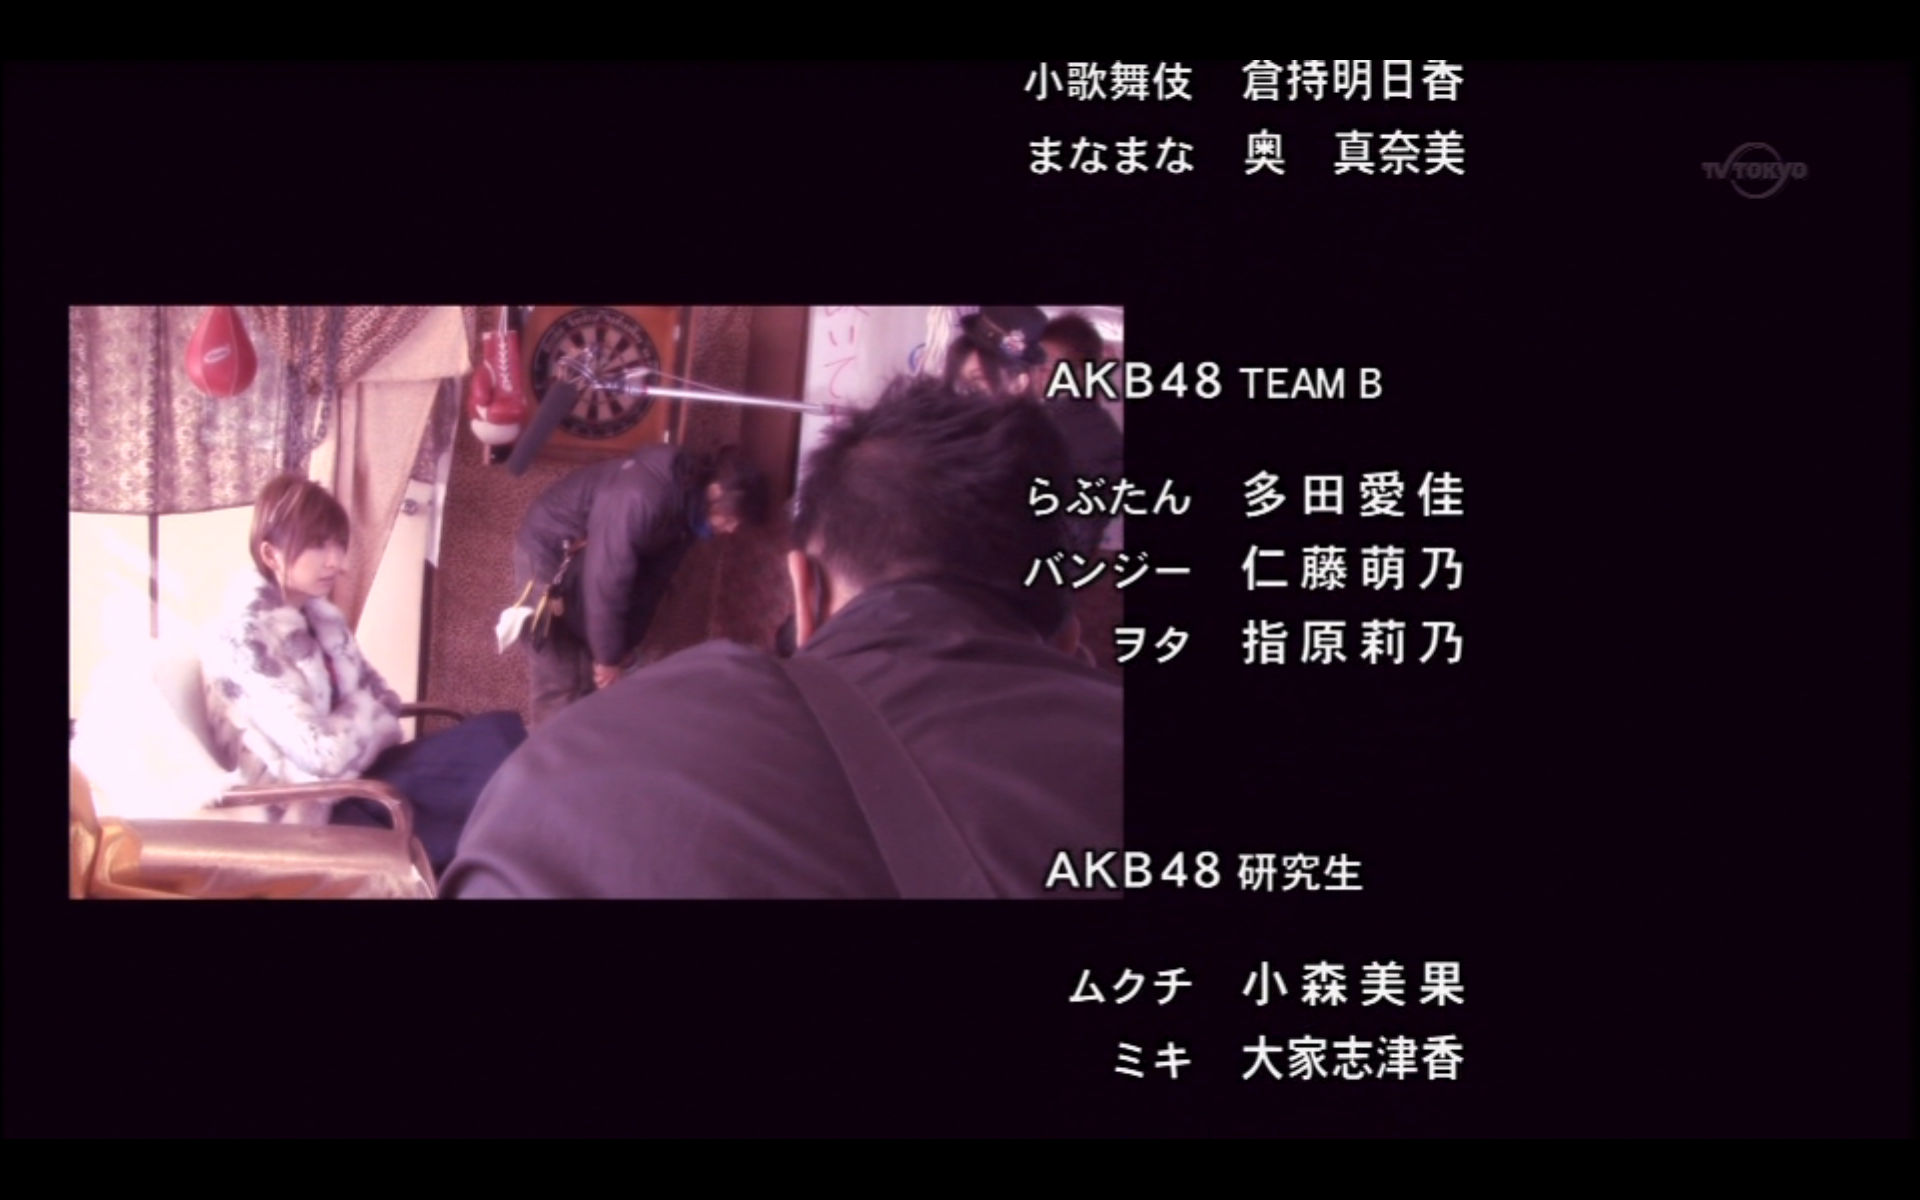 第4話のネズミ 渡辺麻友 Akb48主演ドラマ マジすか学園 マジ